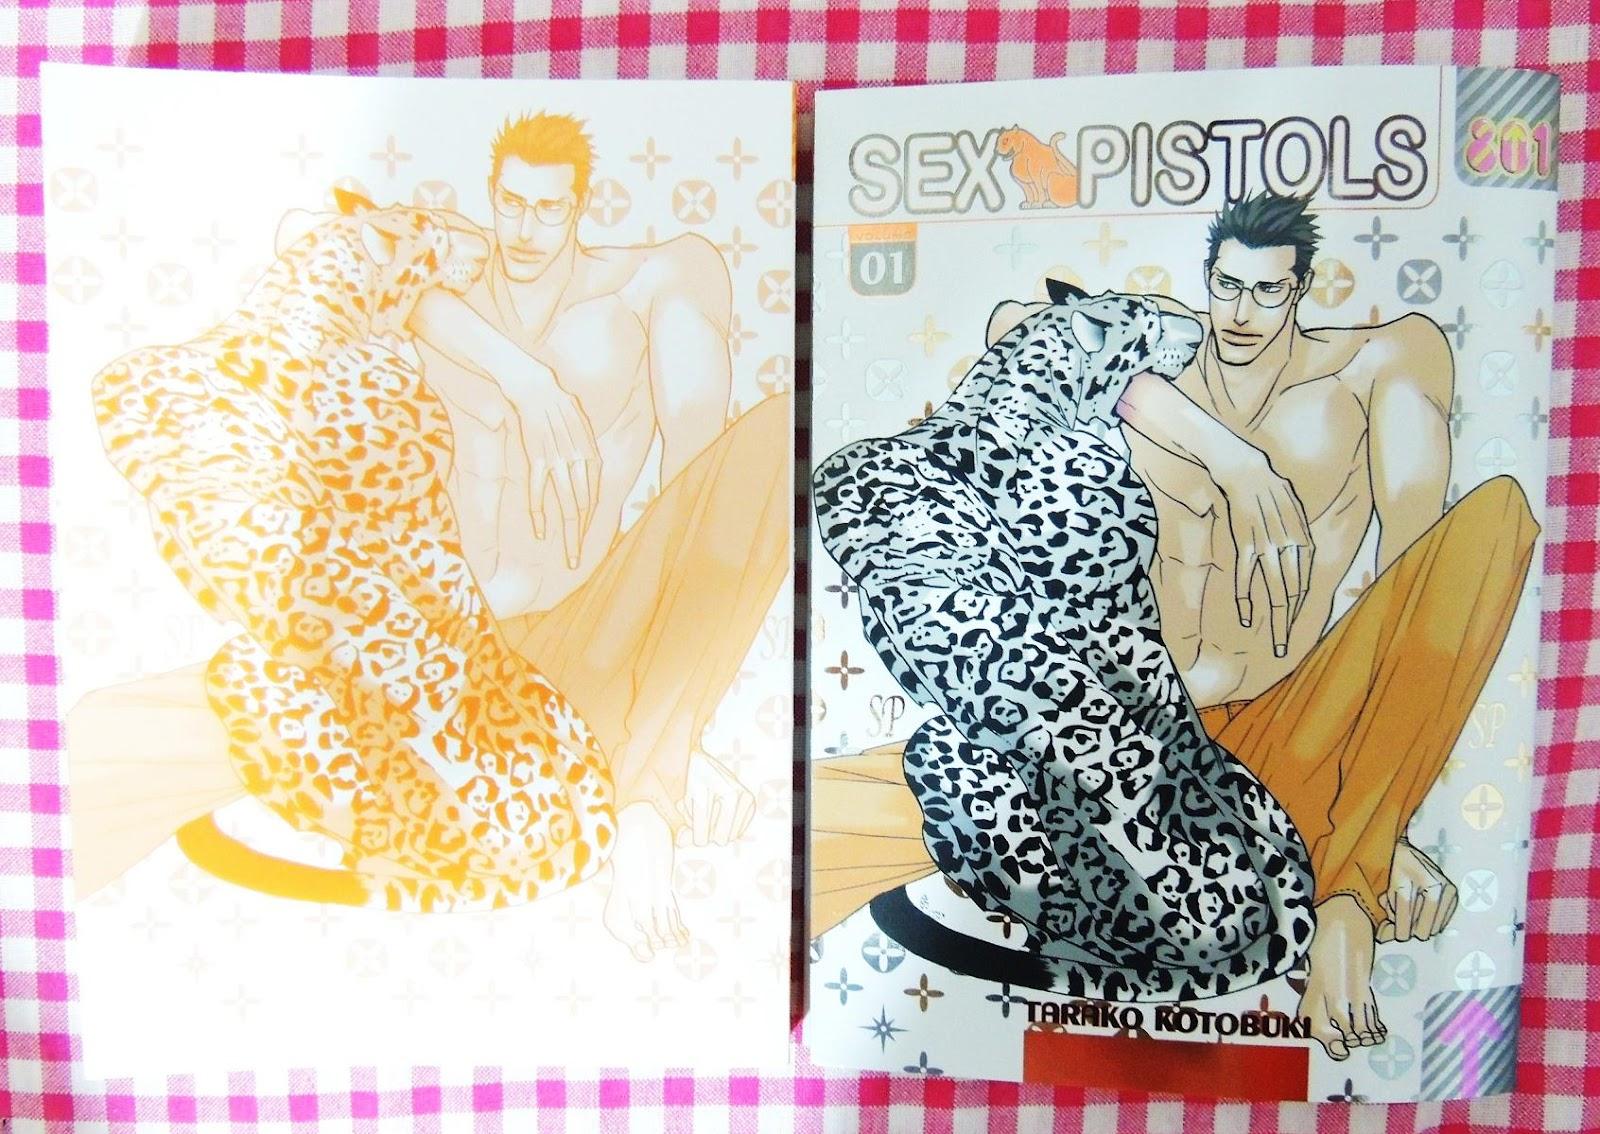 Finalmente posso postarvi la mia copia di Sex Pistols!